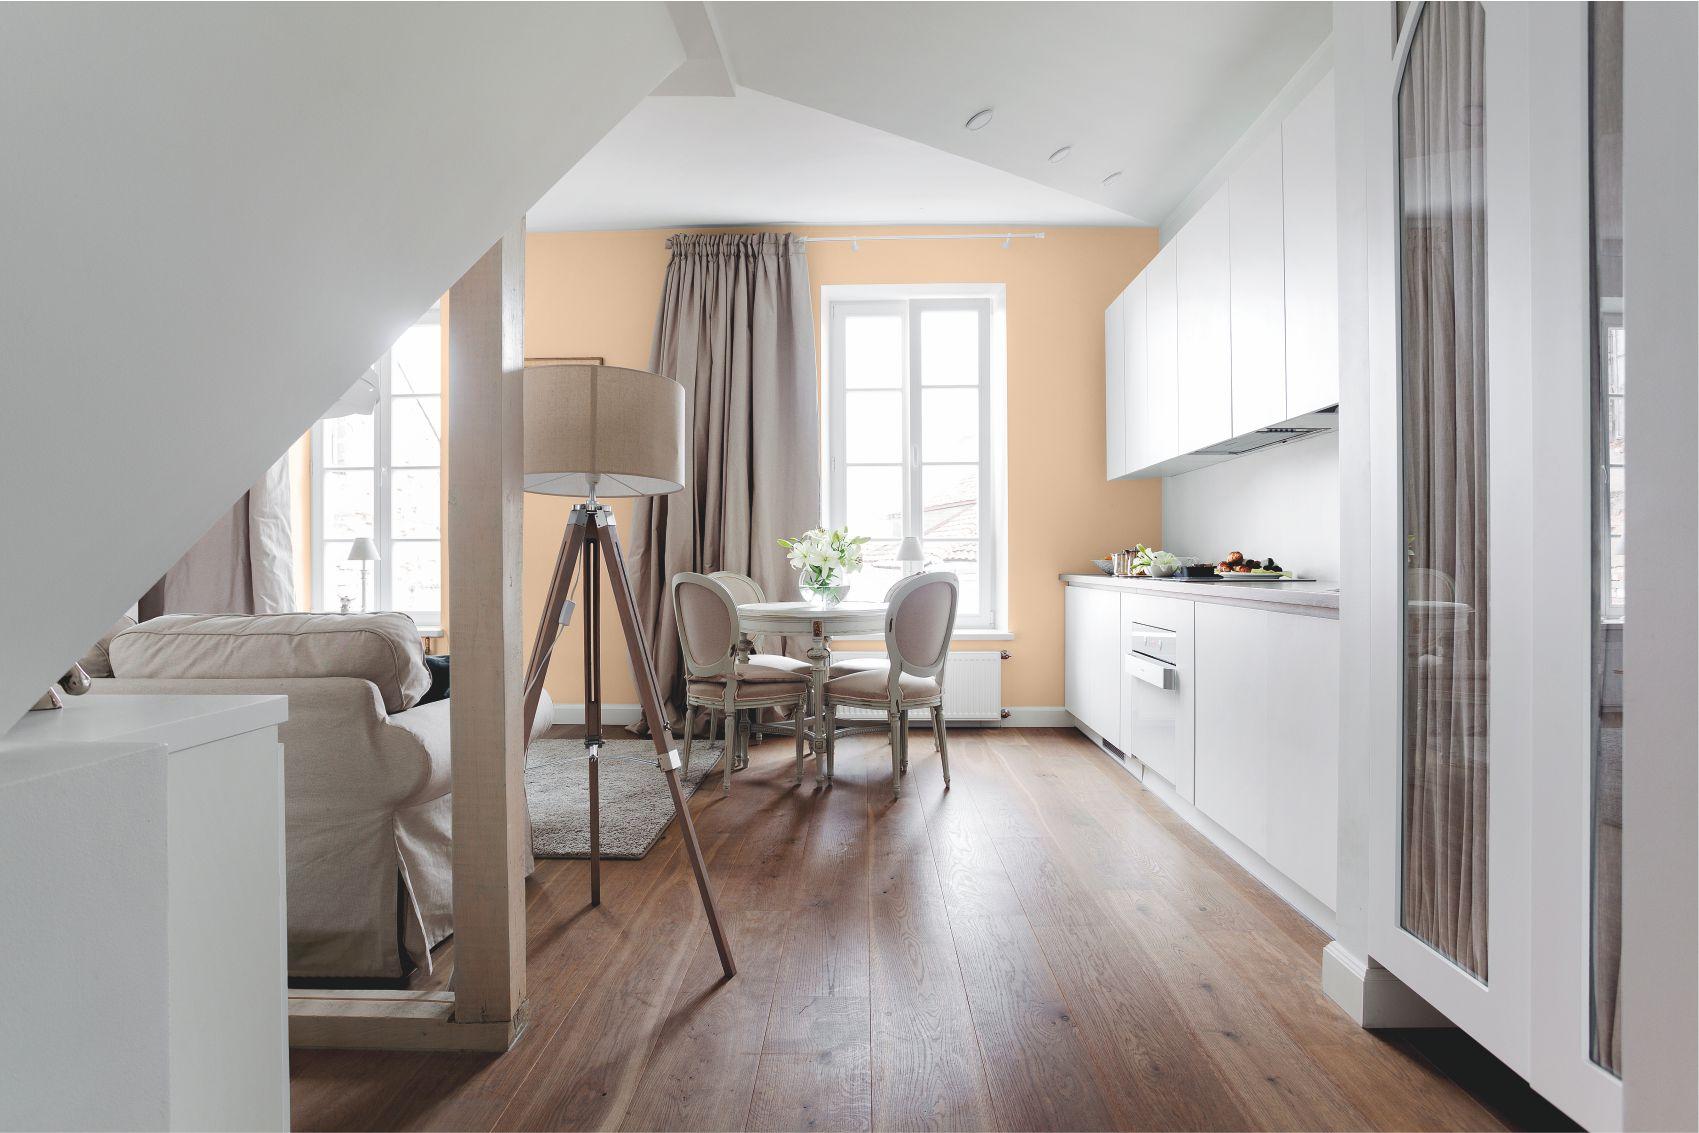 niewielki-metraz-duze-mozliwosci-czyli-jak-funkcjonalnie-urzadzic-male-mieszkanie